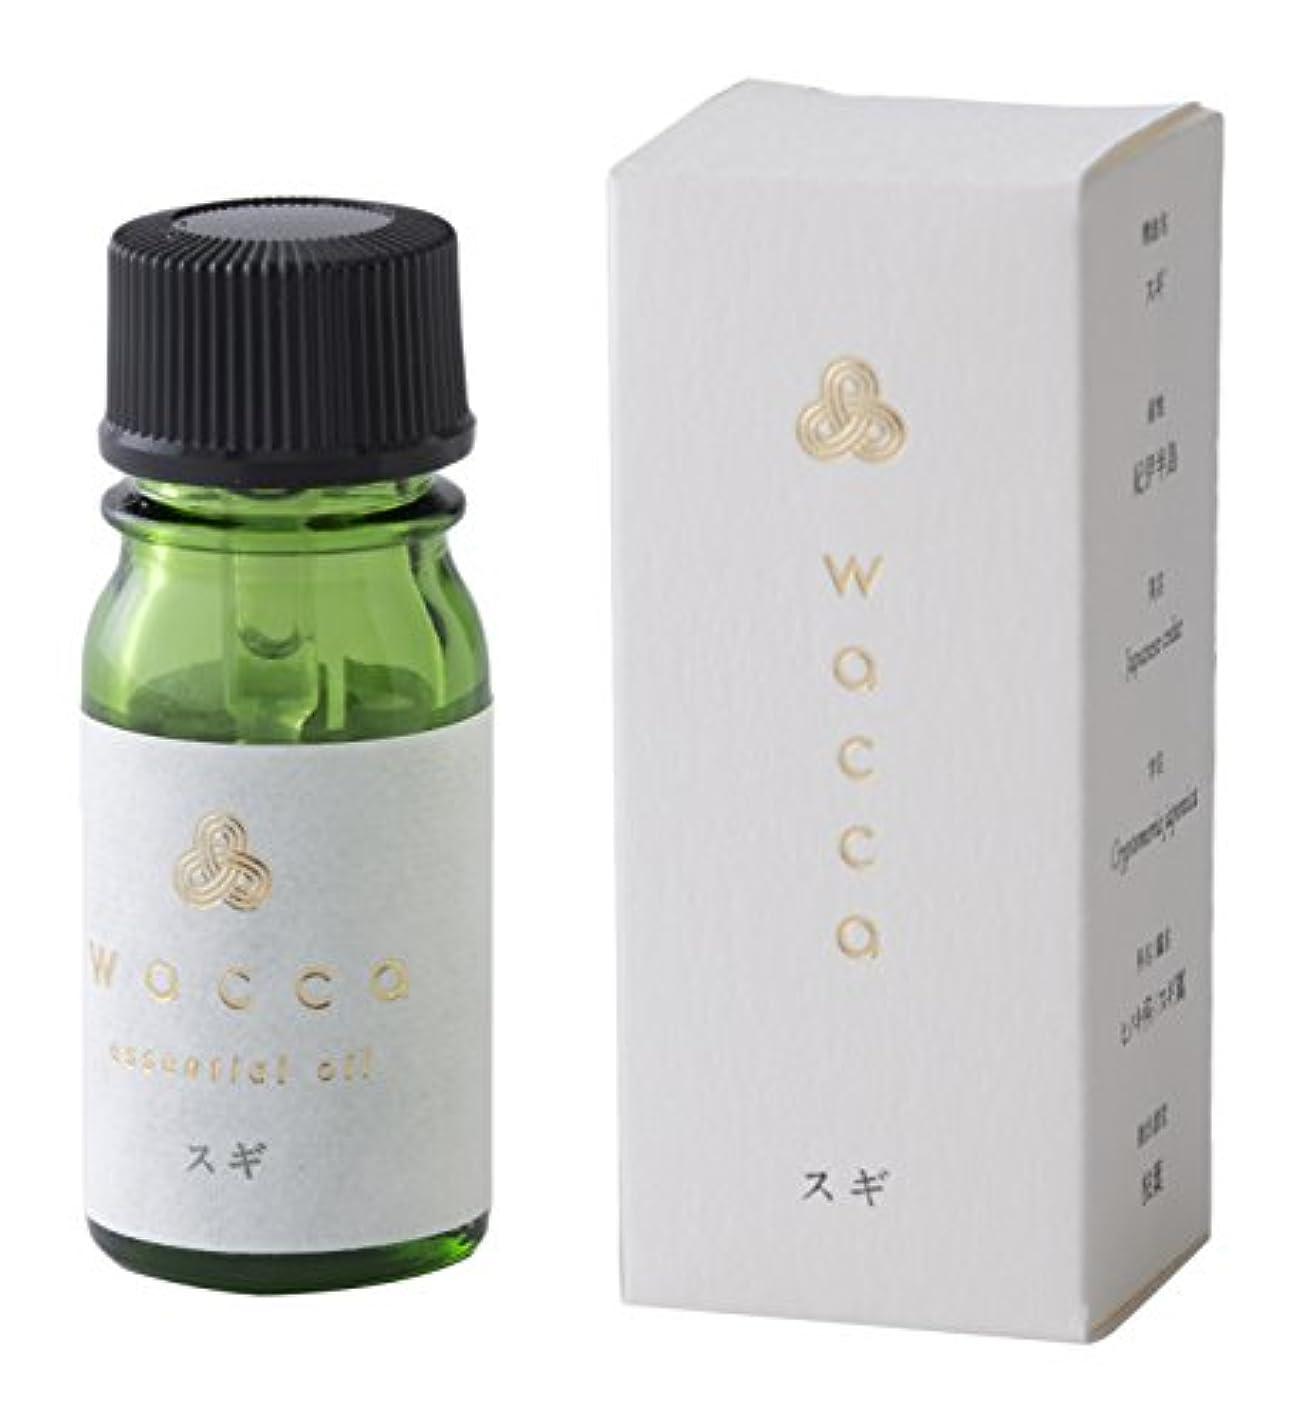 再開スラム街固体wacca ワッカ エッセンシャルオイル 5ml 杉 スギ Japanese cedar essential oil 和精油 KUSU HANDMADE